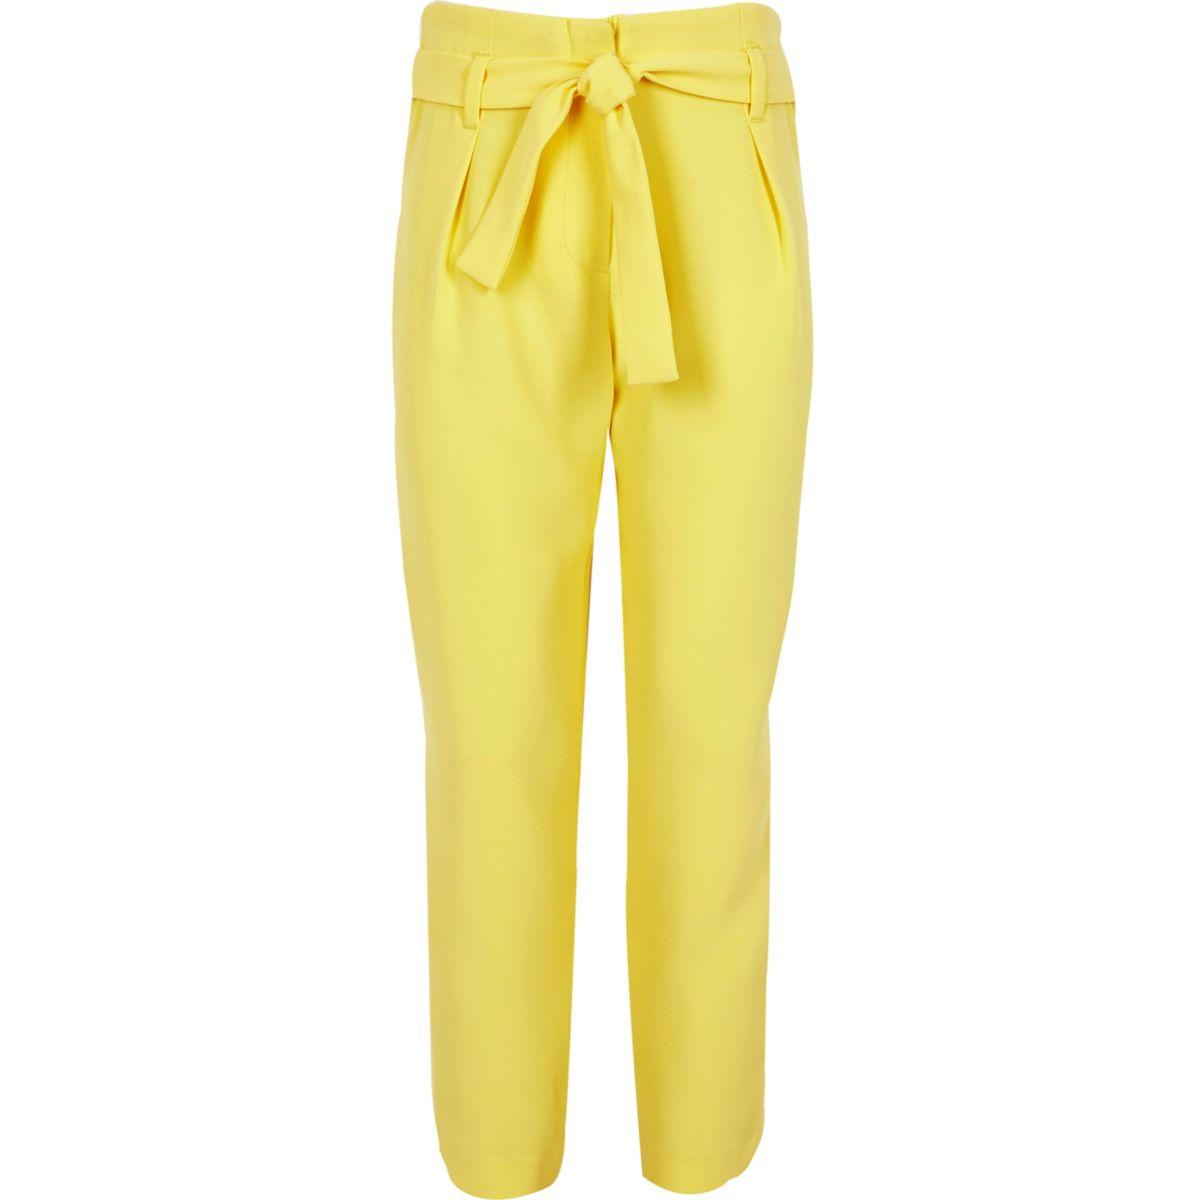 Pantalon fuselé jaune pour fille